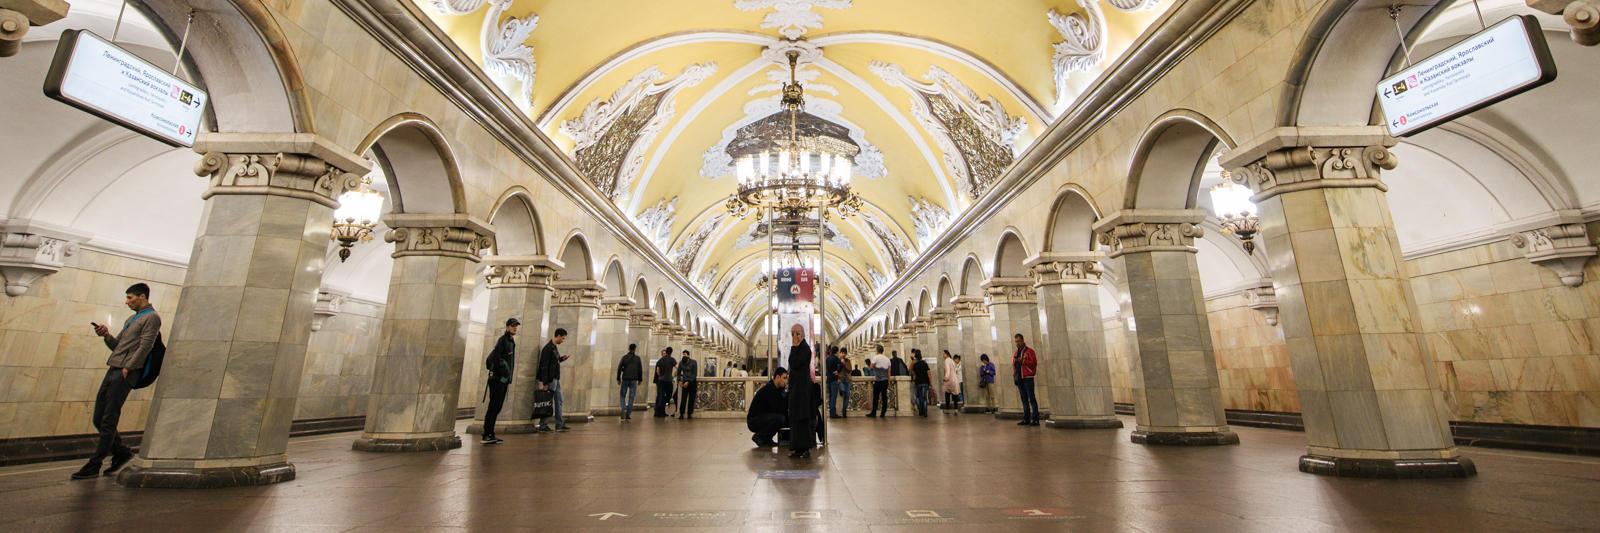 你知道全球最美的地铁站在哪吗?俄罗斯旅行必打卡